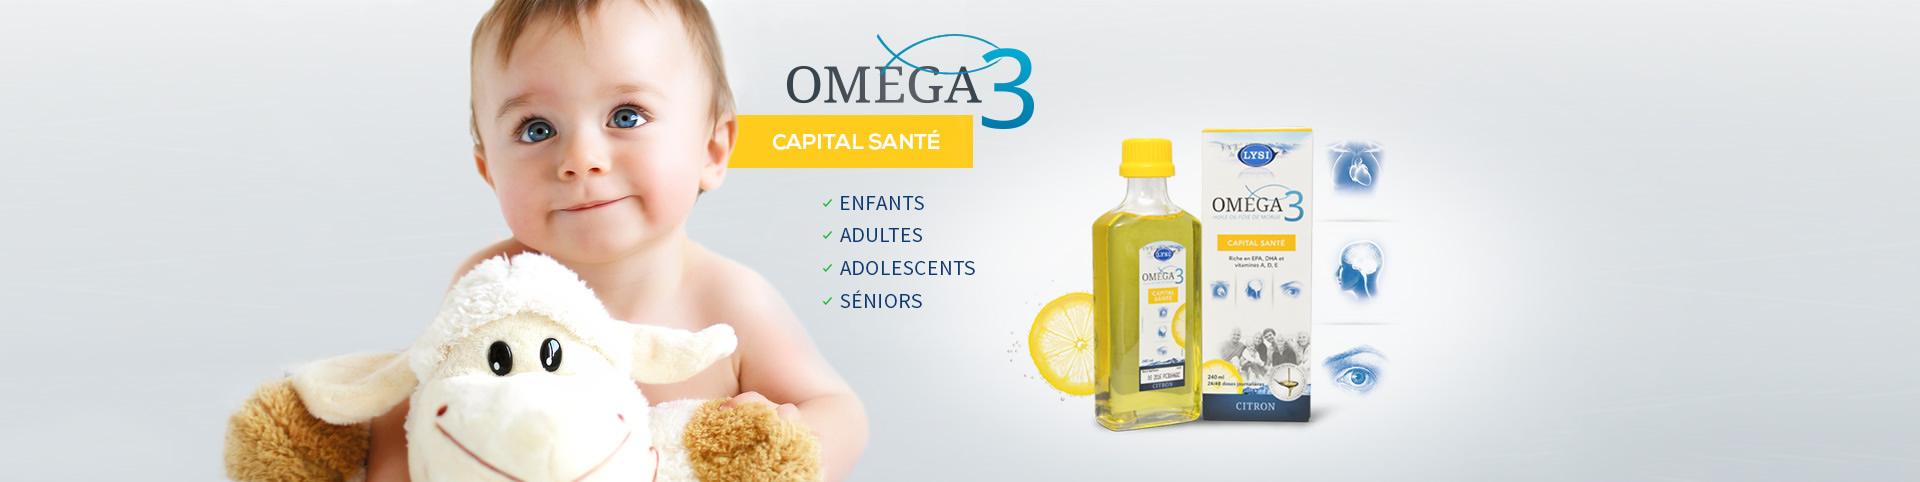 Huile de foie de morue riches en omega 3, vitamines A, D et E, aromatisée au citron